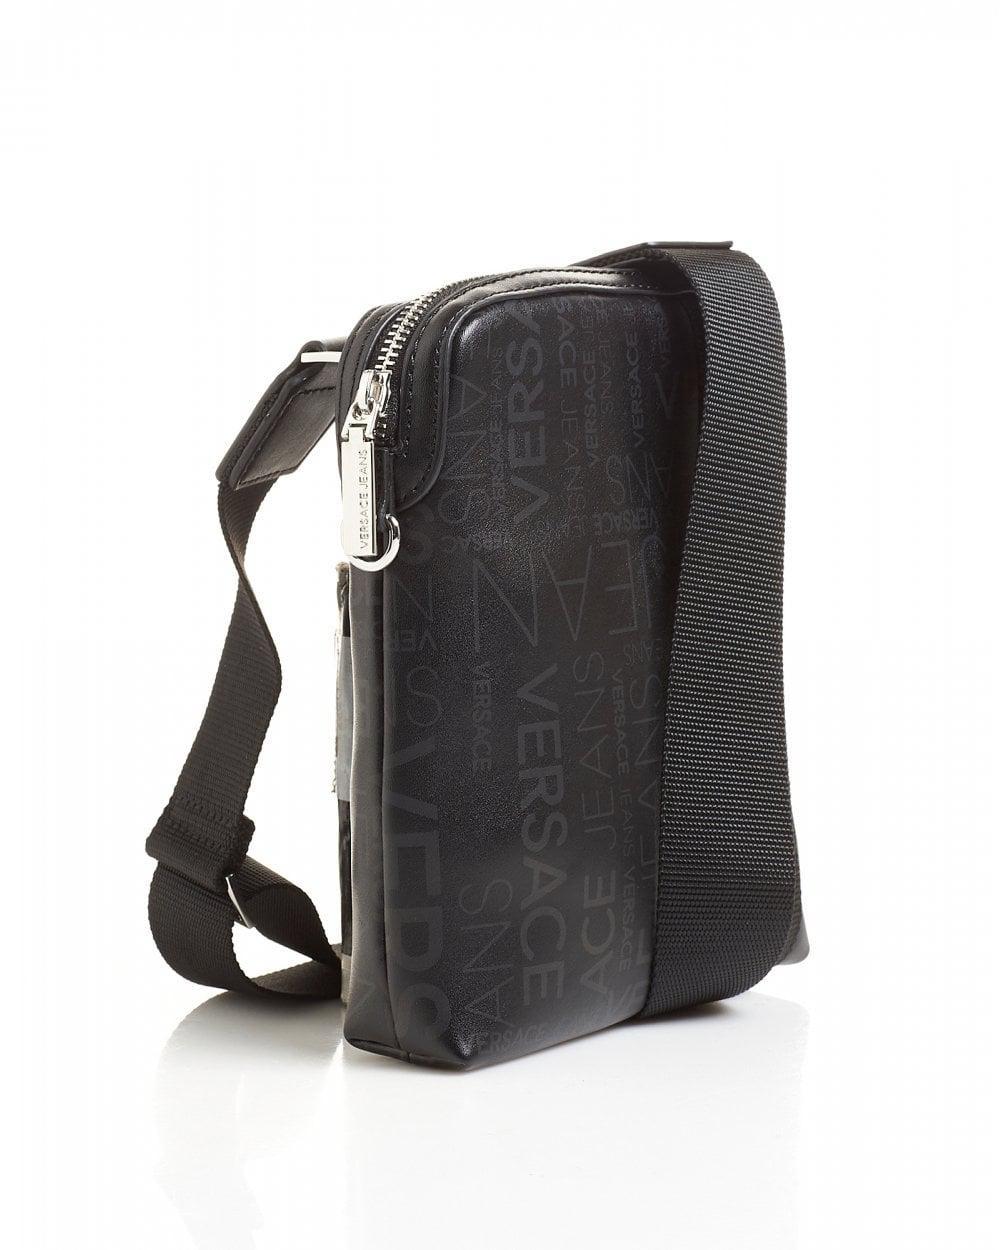 Lyst - Versace Jeans All Over Logo Printed Black Stash Bag in Black for Men af24c5caadc60